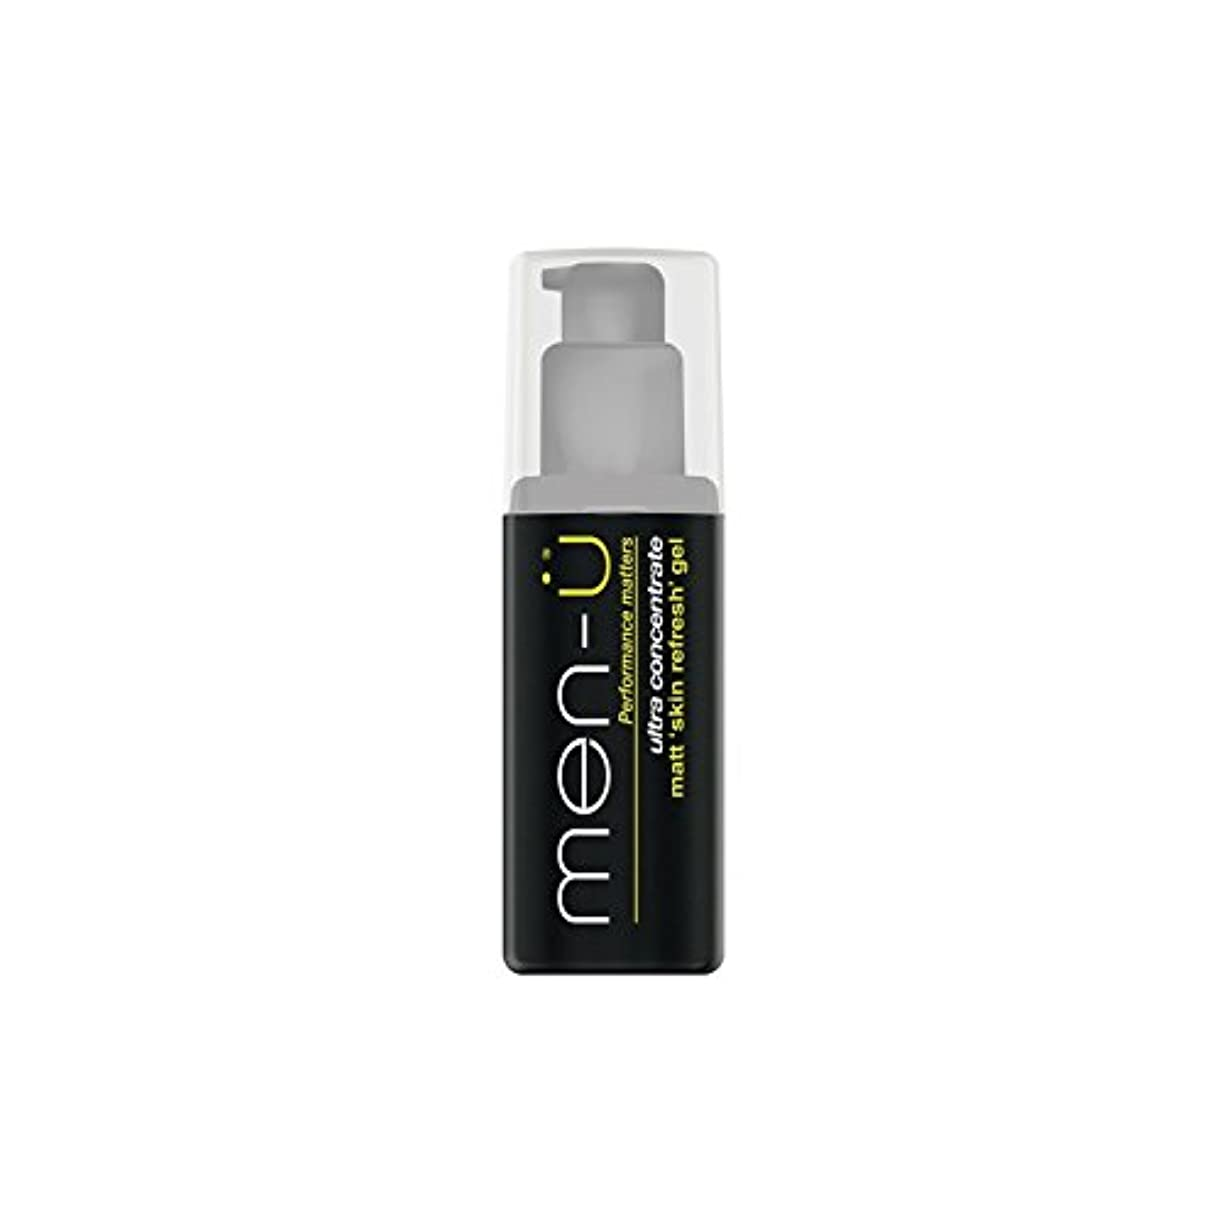 メロディーラジウムゲインセイMen-? Matt Skin Refresh Gel (100ml) (Pack of 6) - 男性-?マット肌のリフレッシュジェル(100)に x6 [並行輸入品]